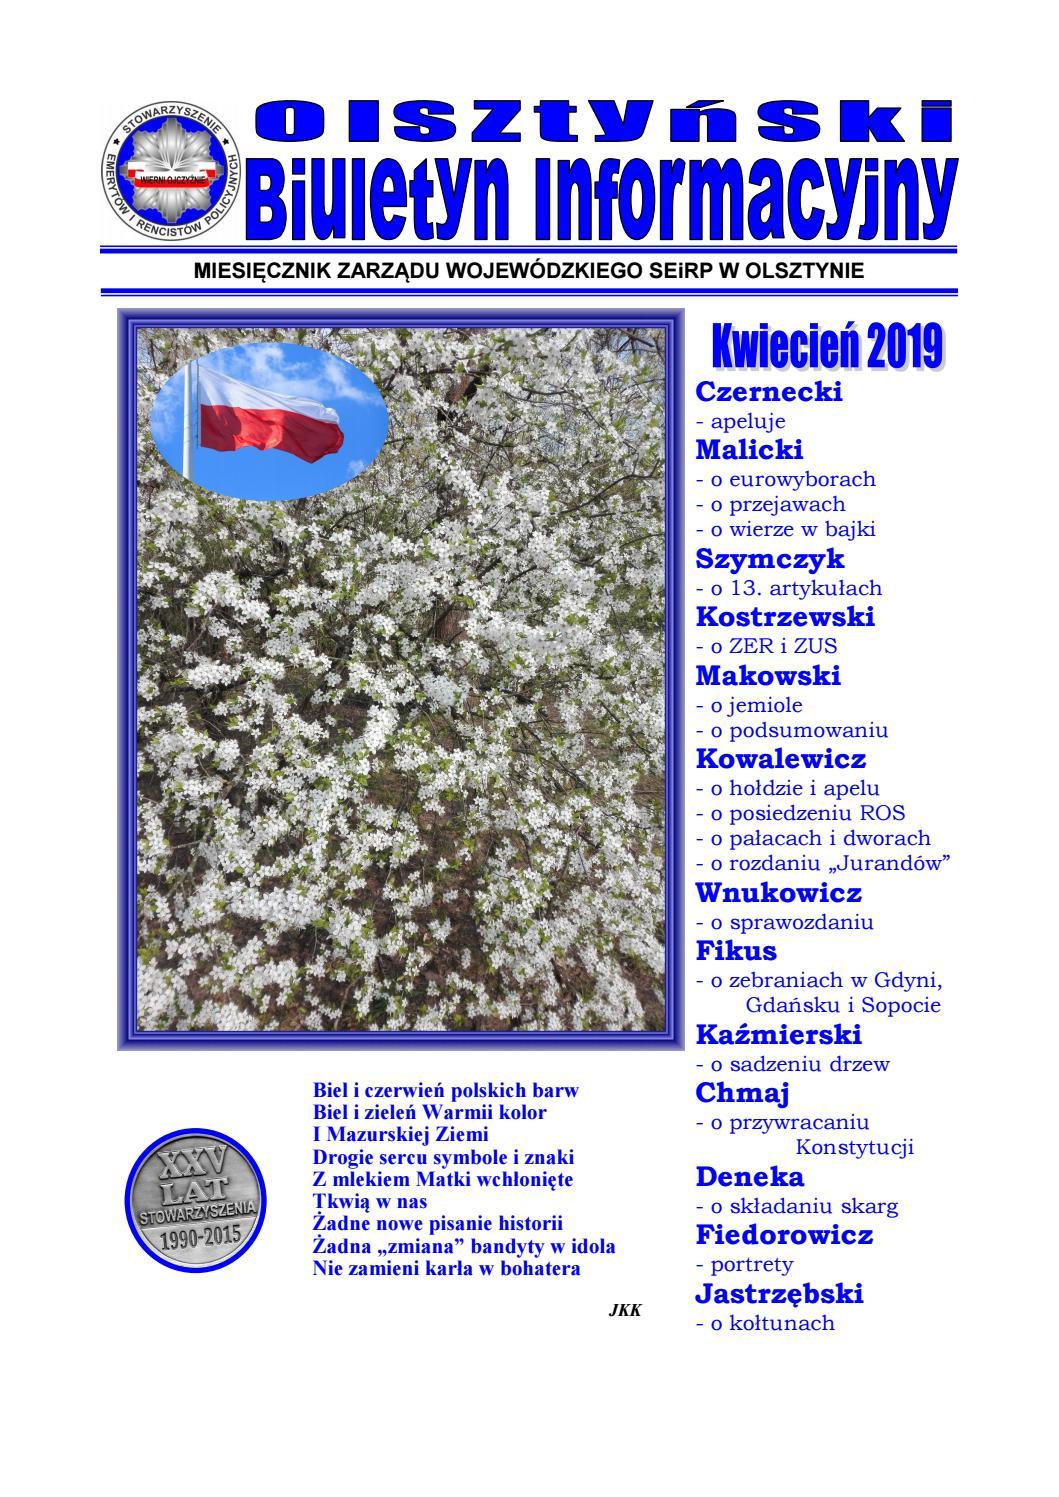 Olsztyński Biuletyn Informacyjny Zw Seirp Olsztyn Nr 108 By